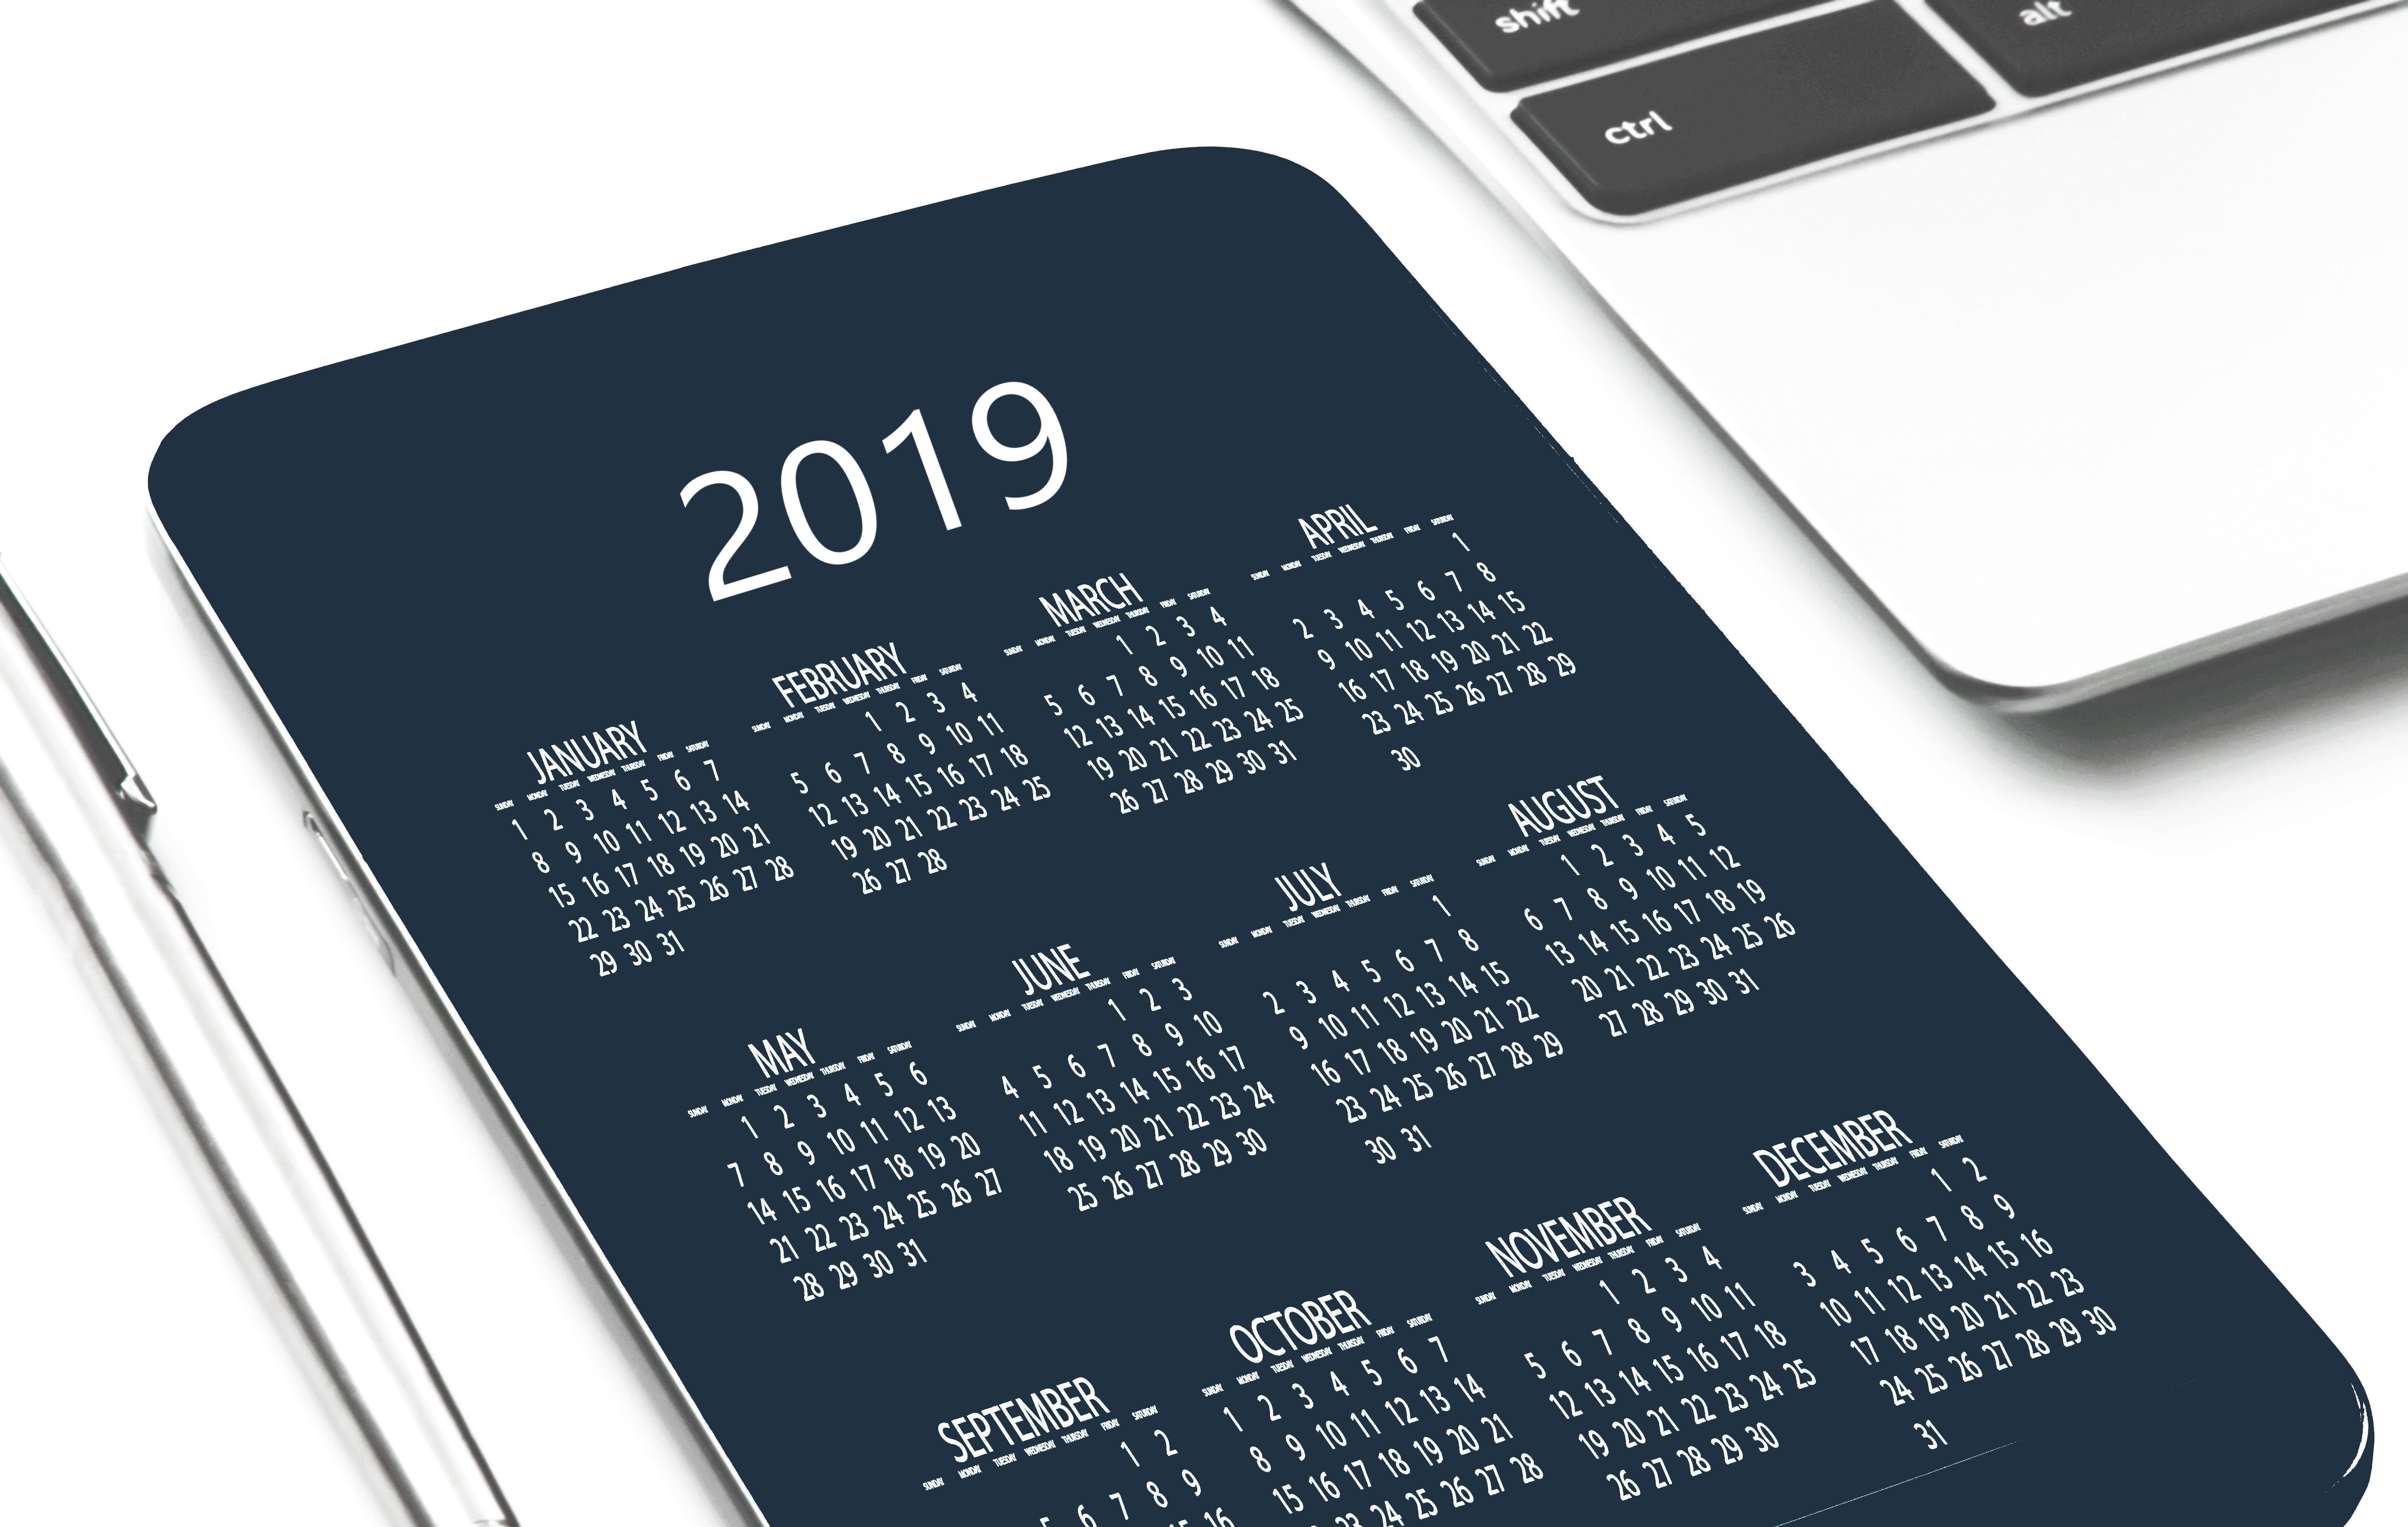 Calendar date device 2019